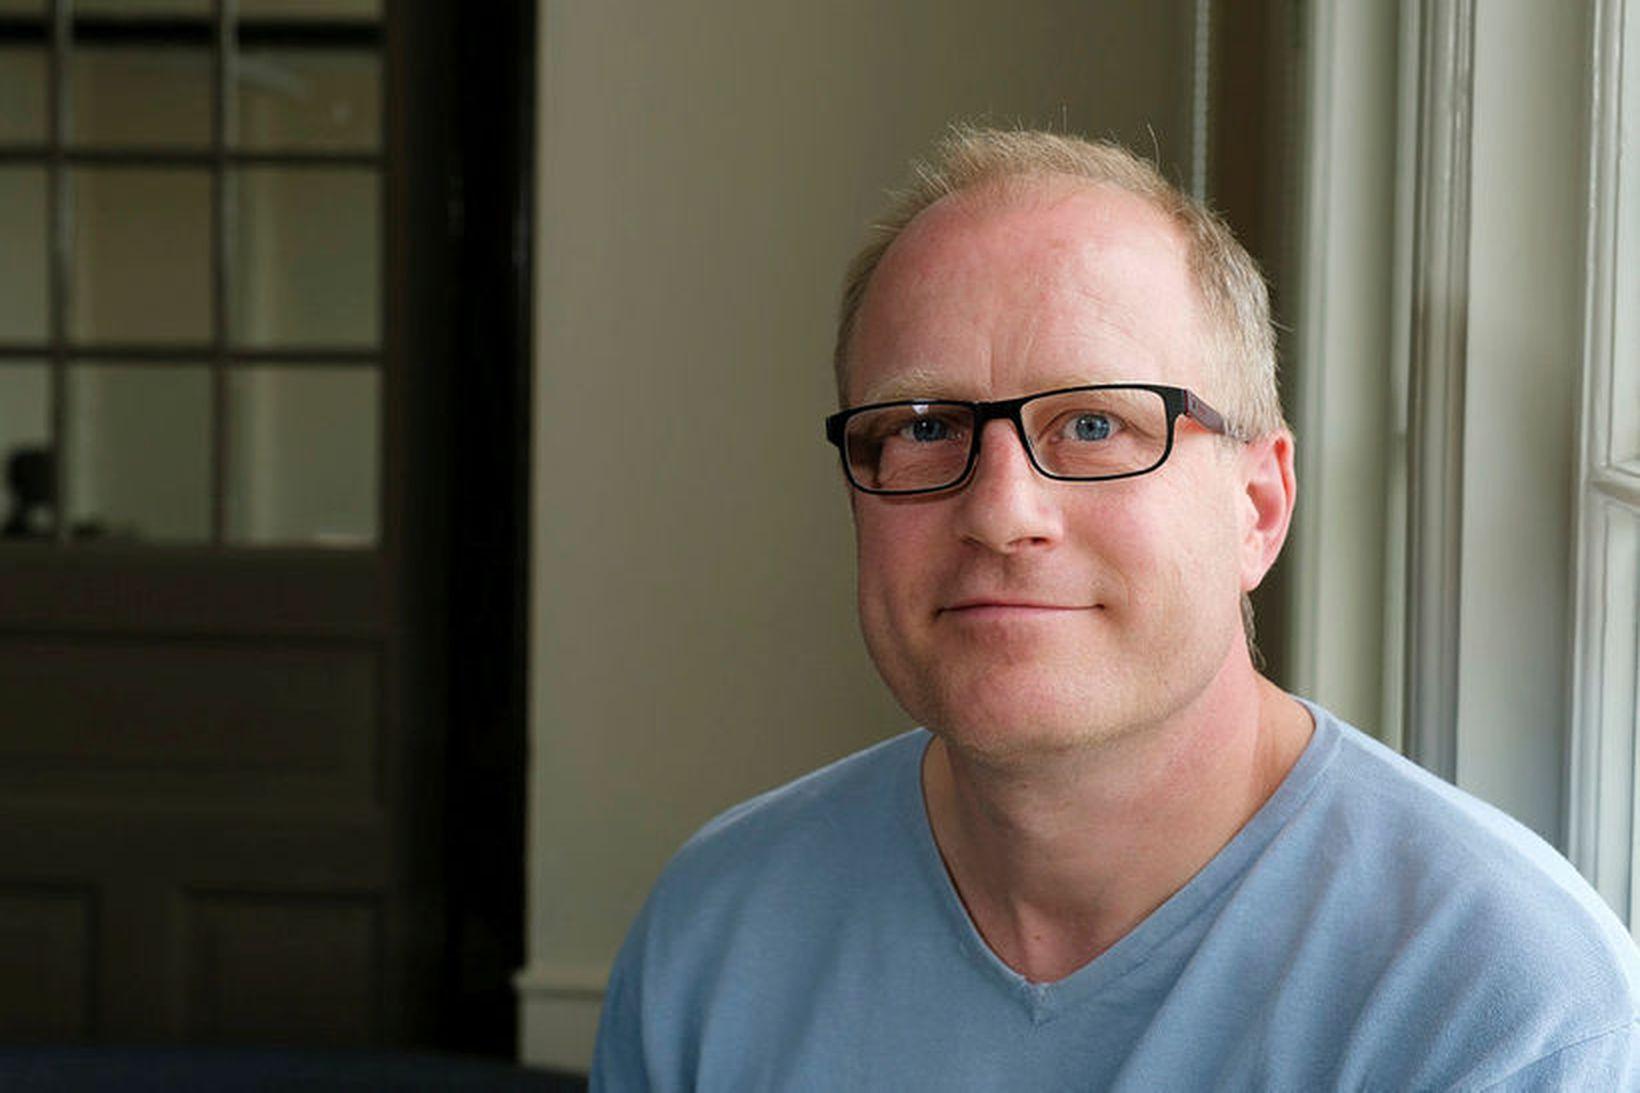 Tomas Højgaard, prófessor í stærðfræðikennslu og doktor í stærðfræði, var …